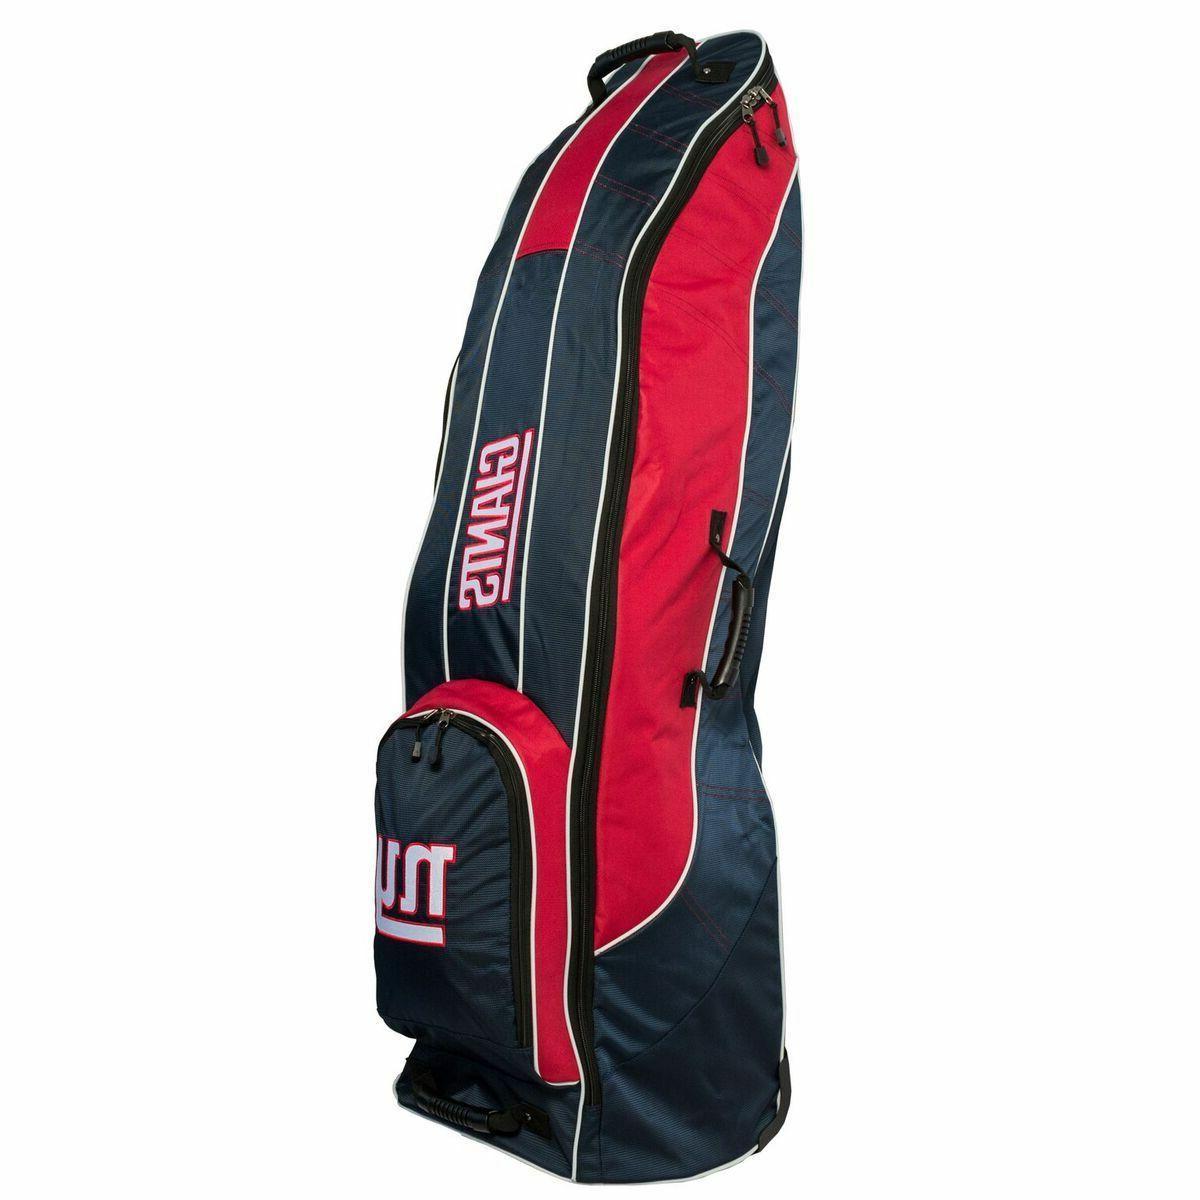 new new york giants golf bag travel